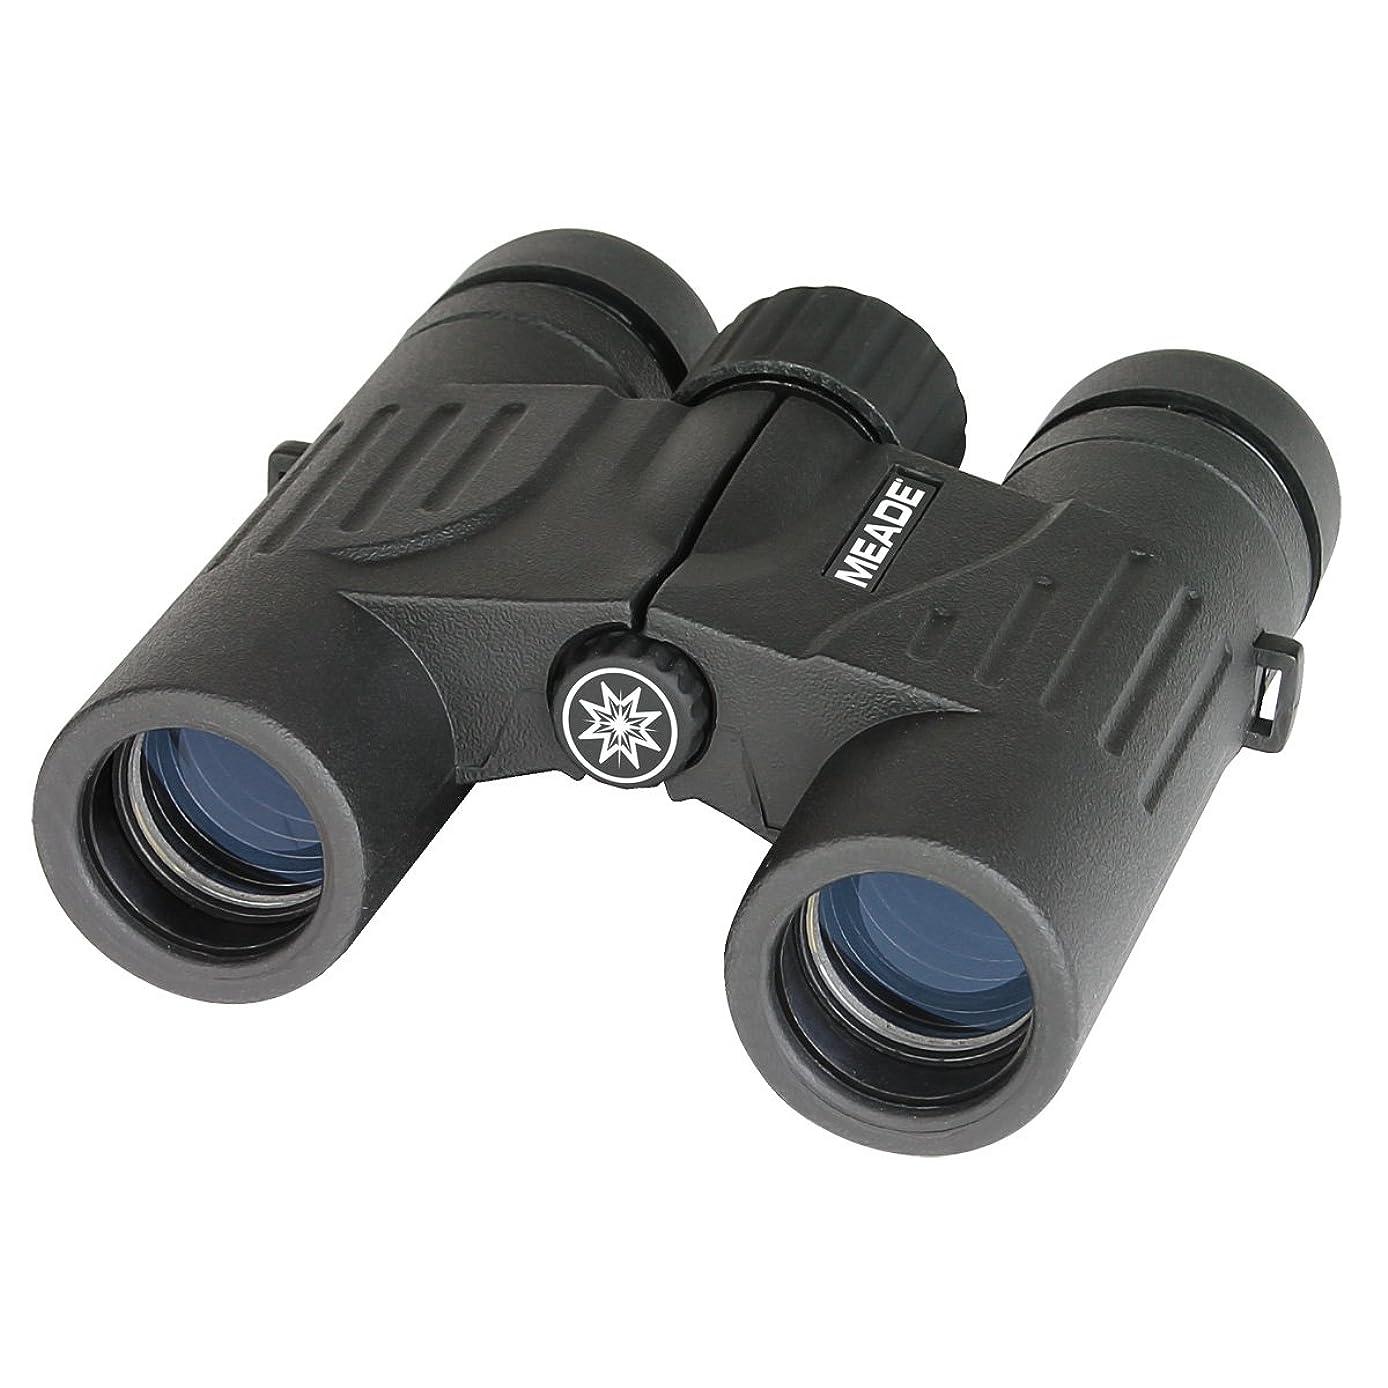 Meade Instruments 125001 10x25 TravelView Binoculars (Black)